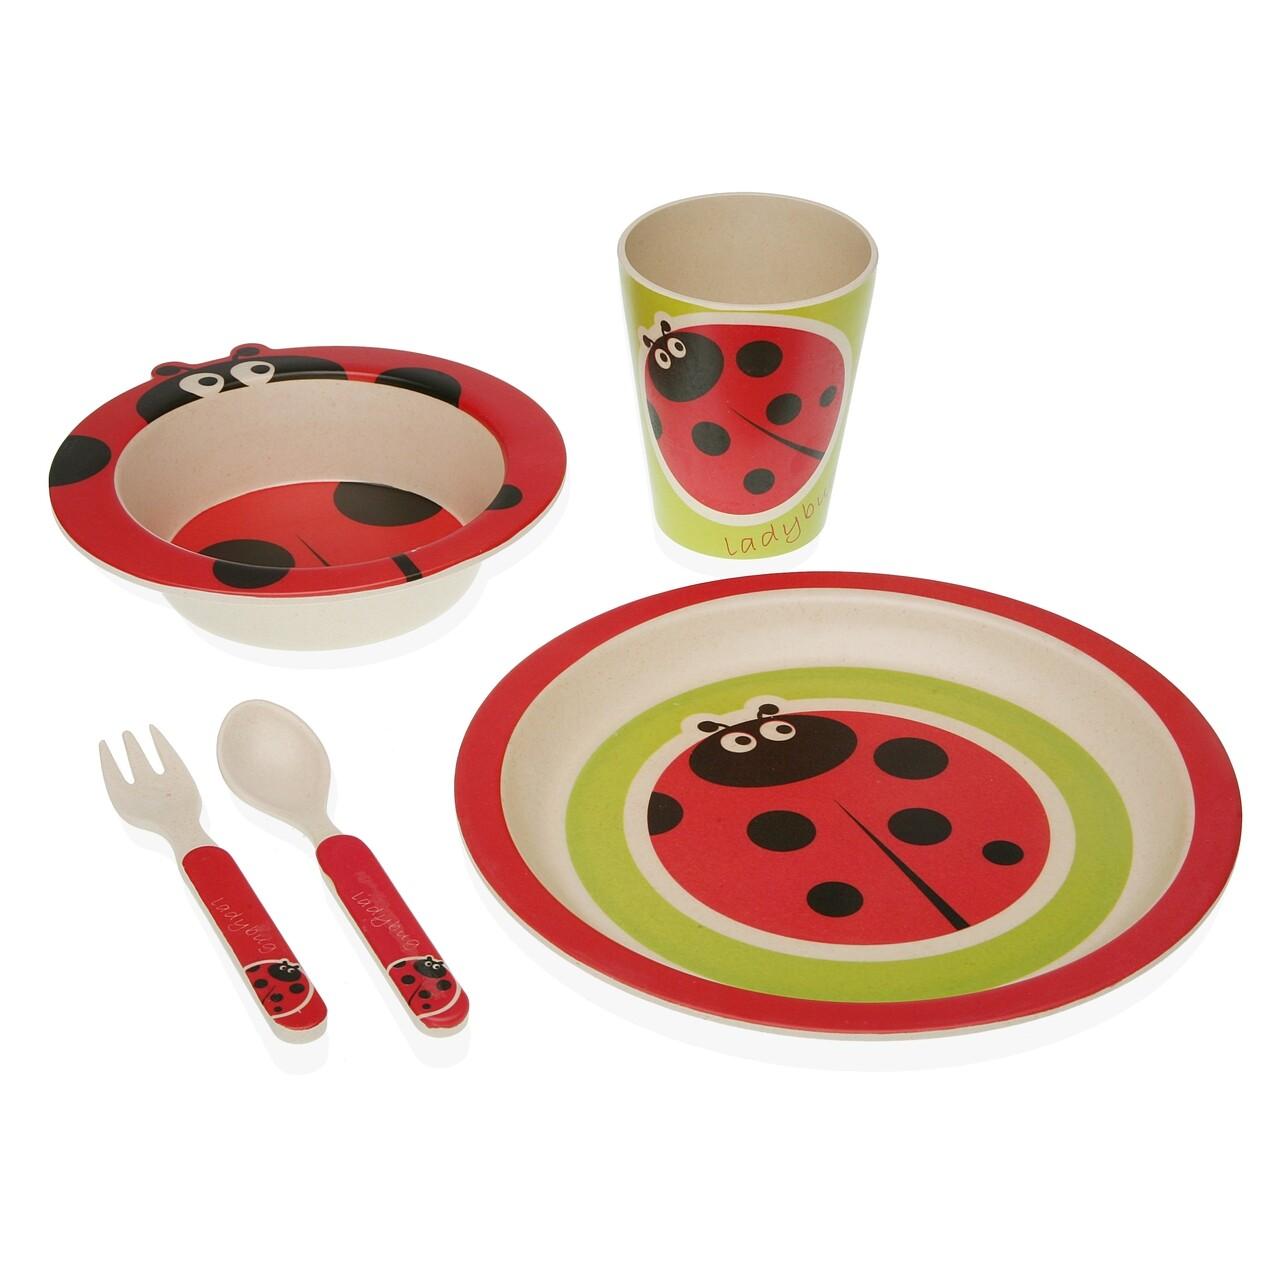 Set de masa pentru copii, 5 piese, Versa, Ladybug, fibra de bambus, multicolor